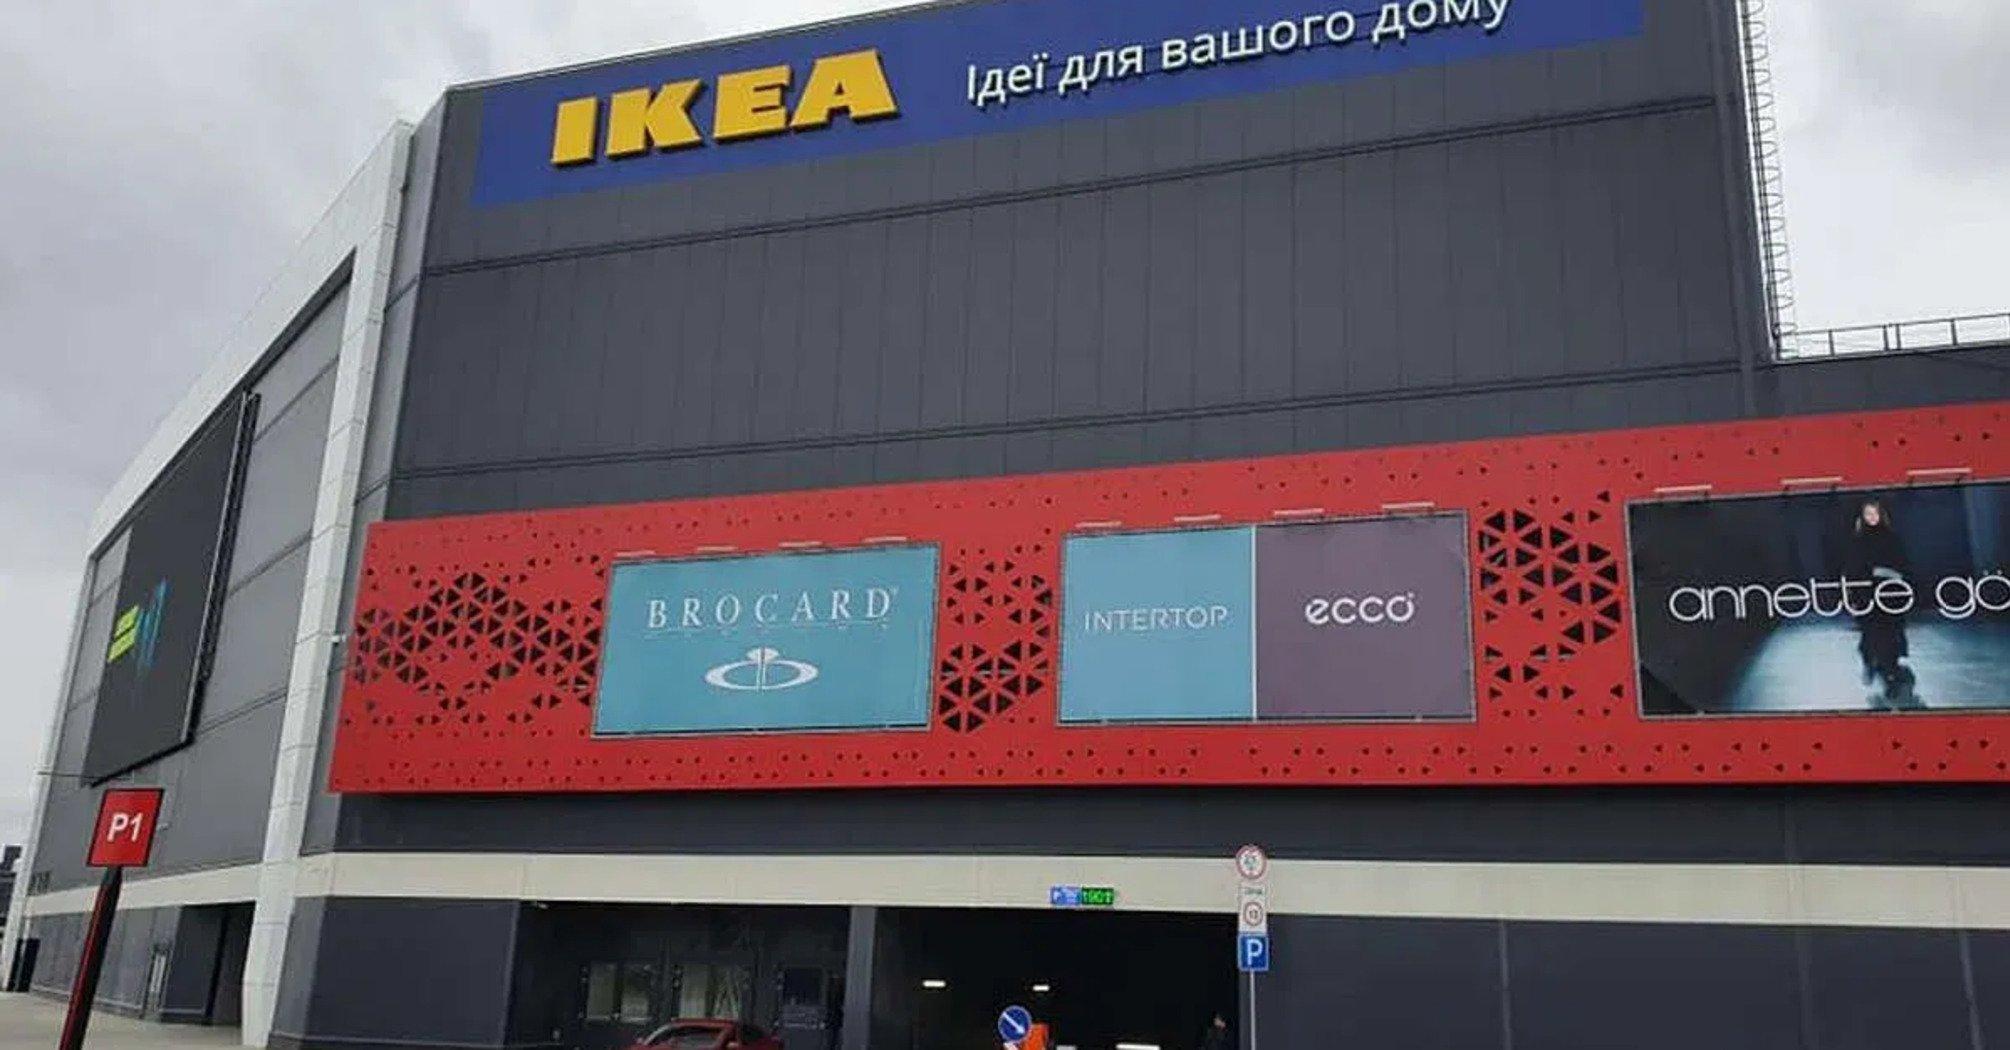 Першу IKEA в Україні відкрито